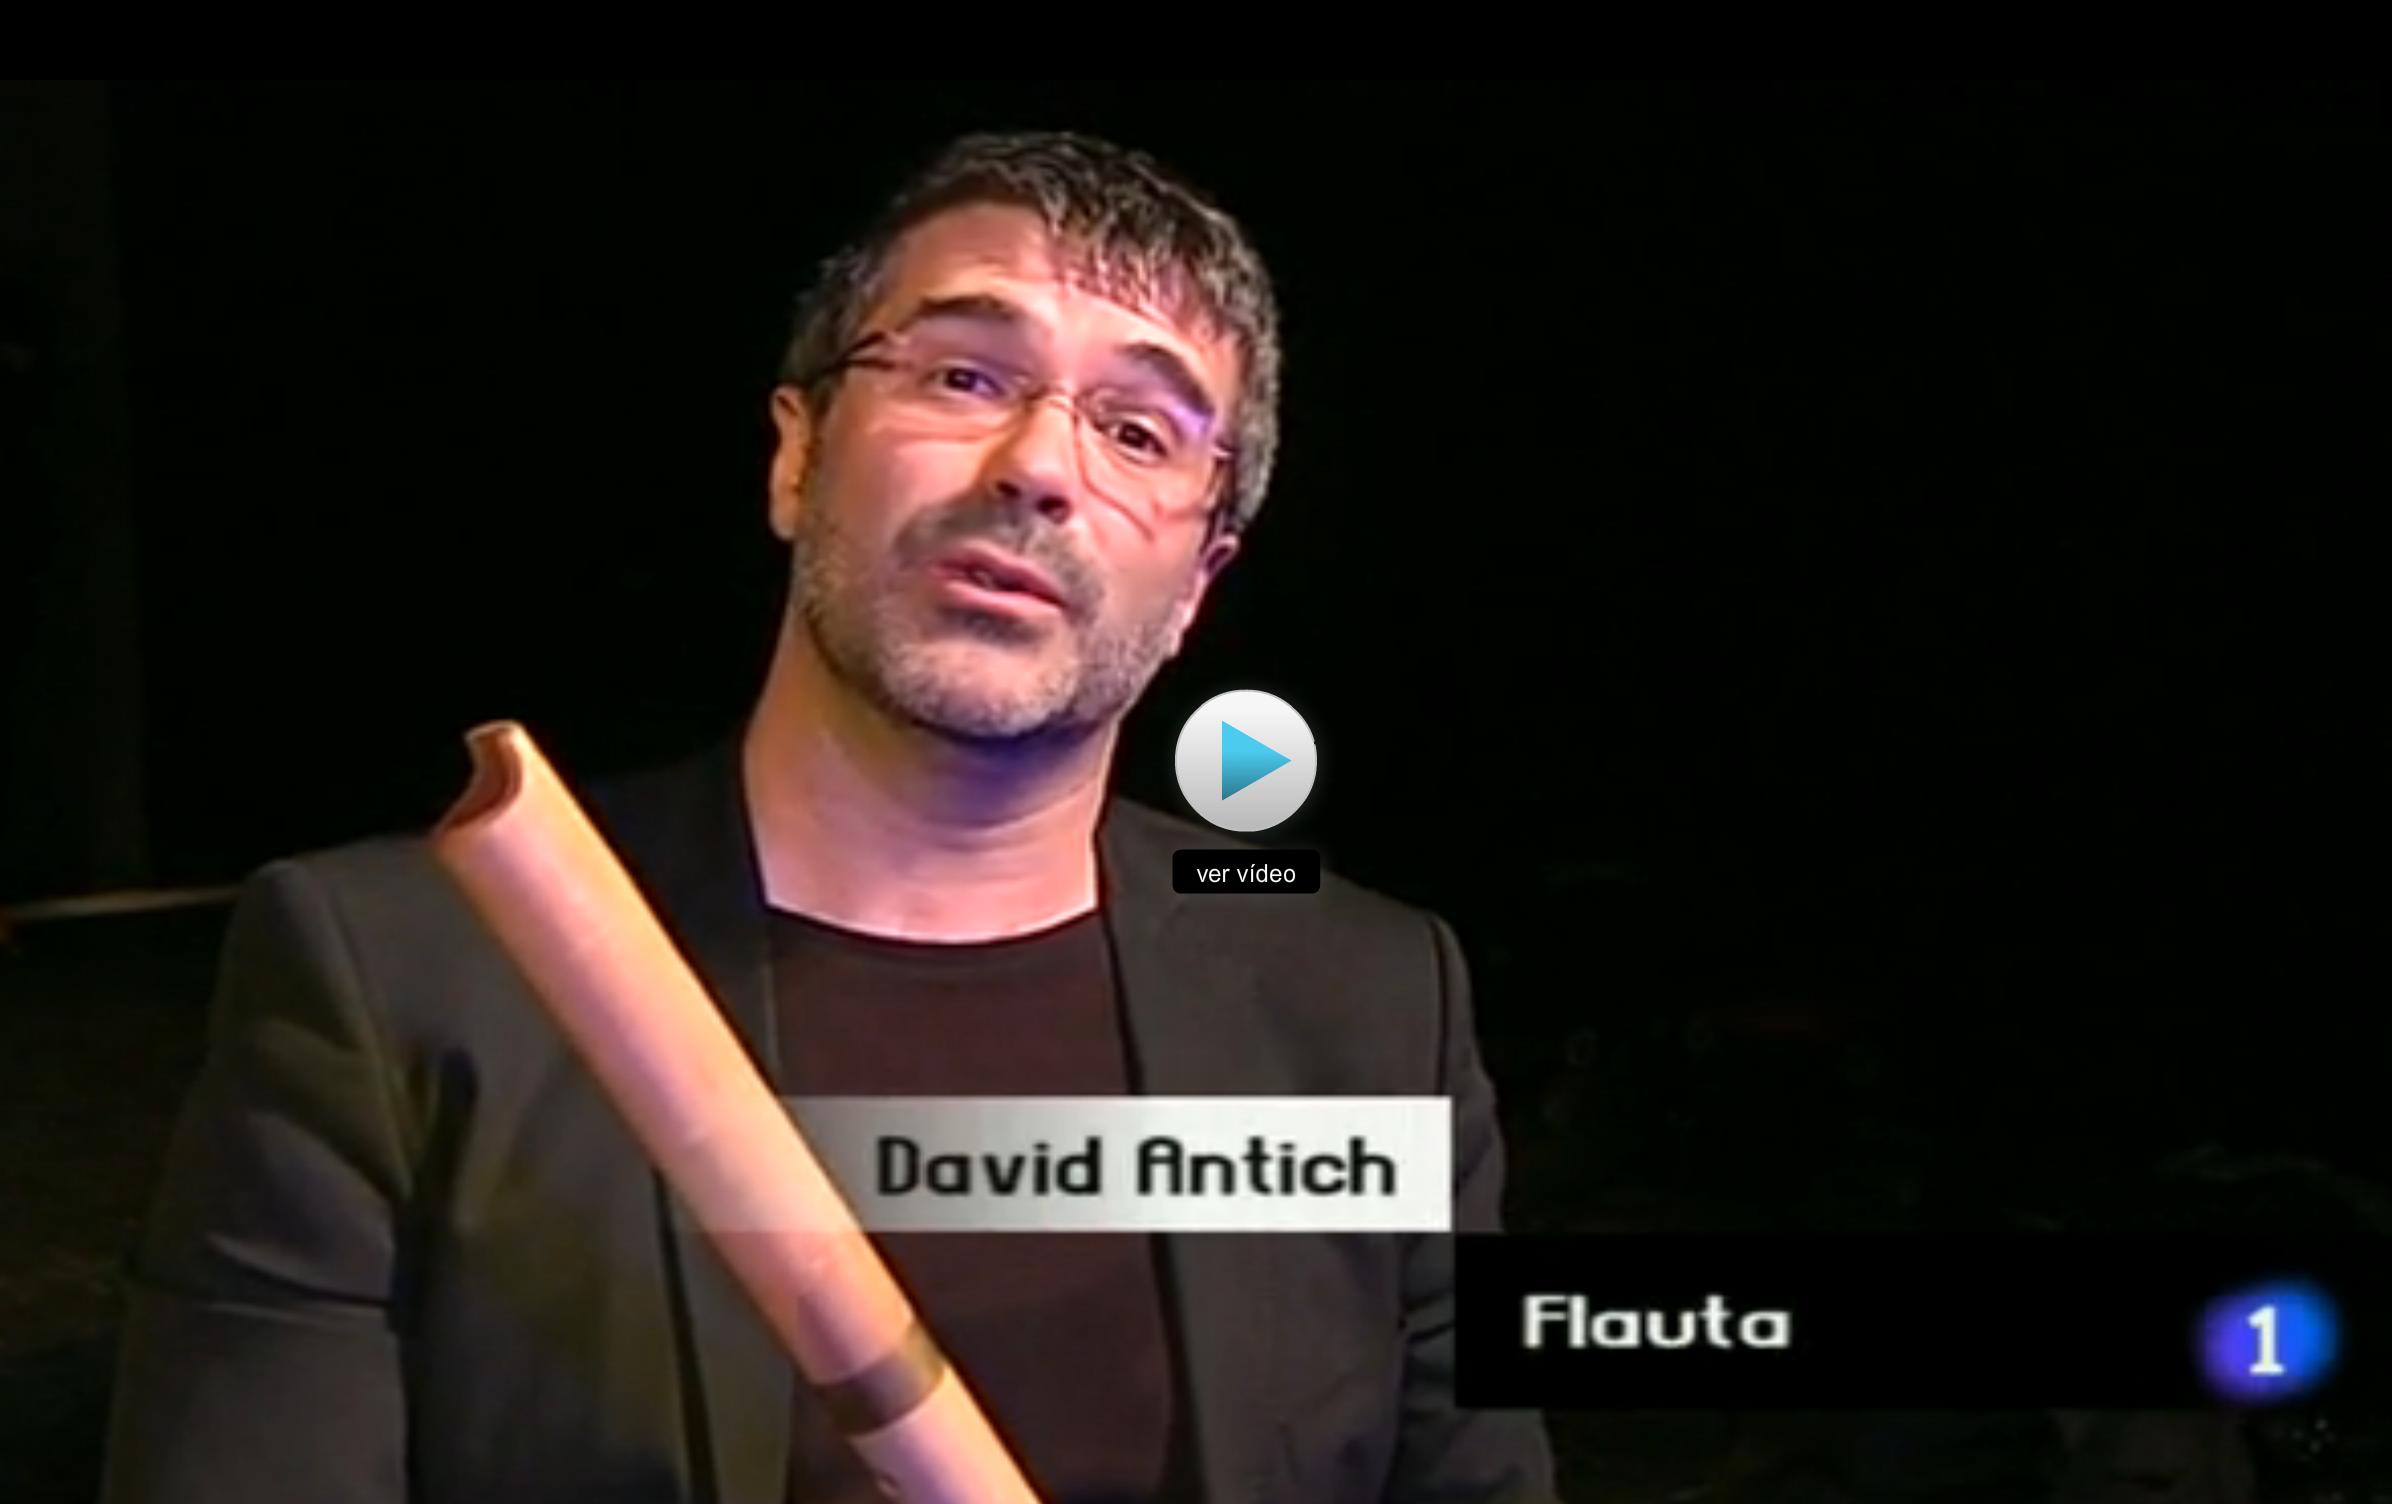 http://www.rtve.es/alacarta/videos/sonido-directo-con/sonido-directo-capella-ministrers/2674449/